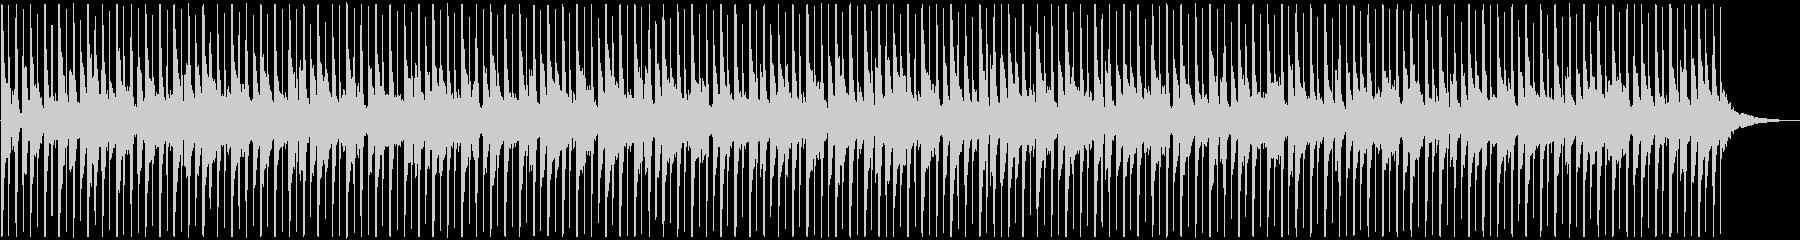 1分間のシンキングタイム向け楽曲の未再生の波形